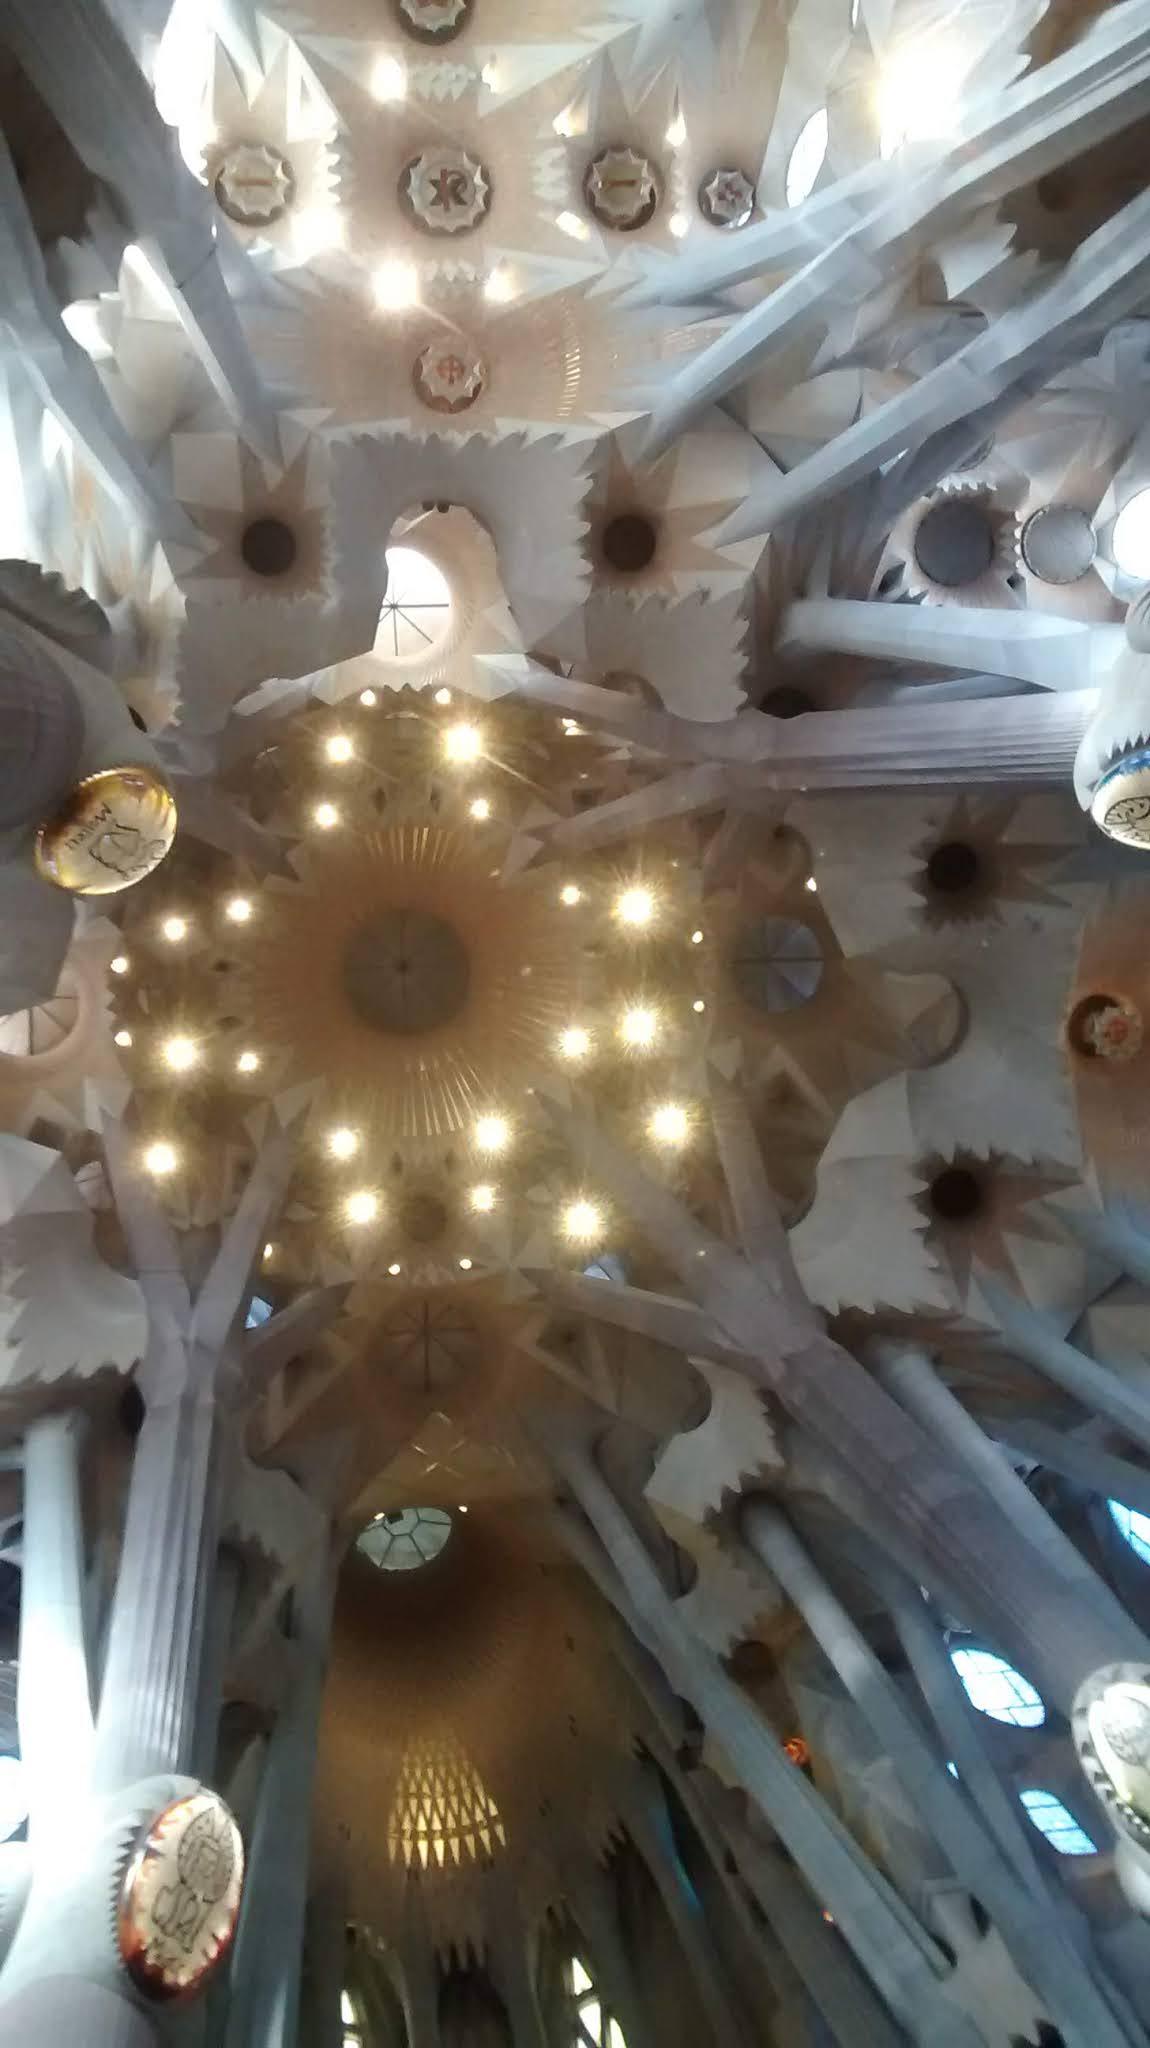 basilica lighting